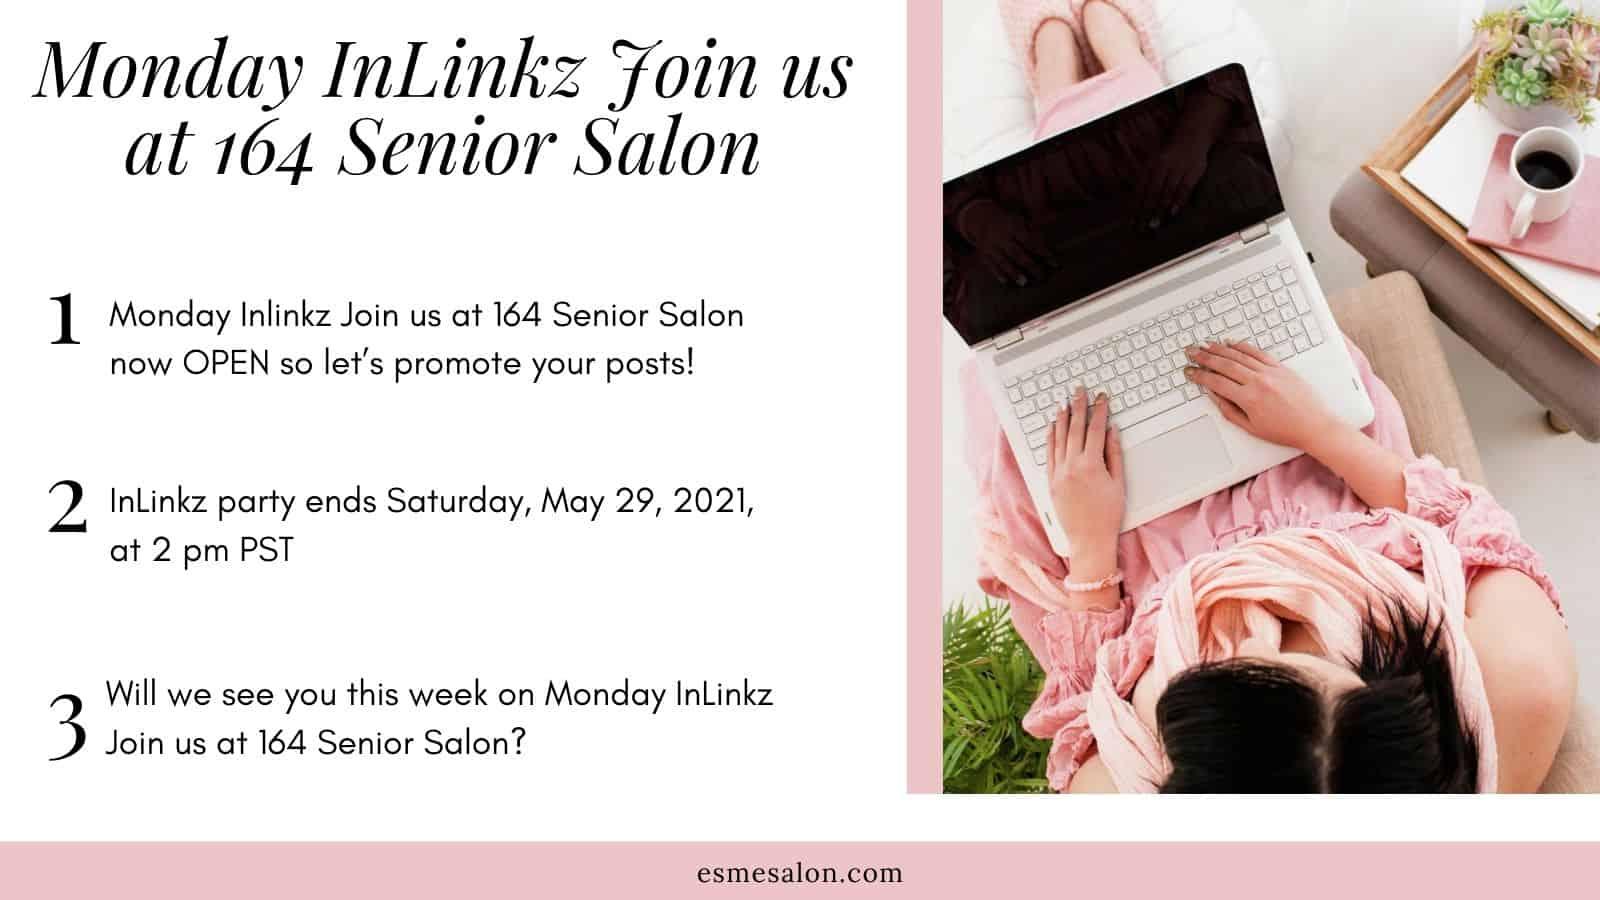 Monday InLinkz Join us at 164 Senior Salon